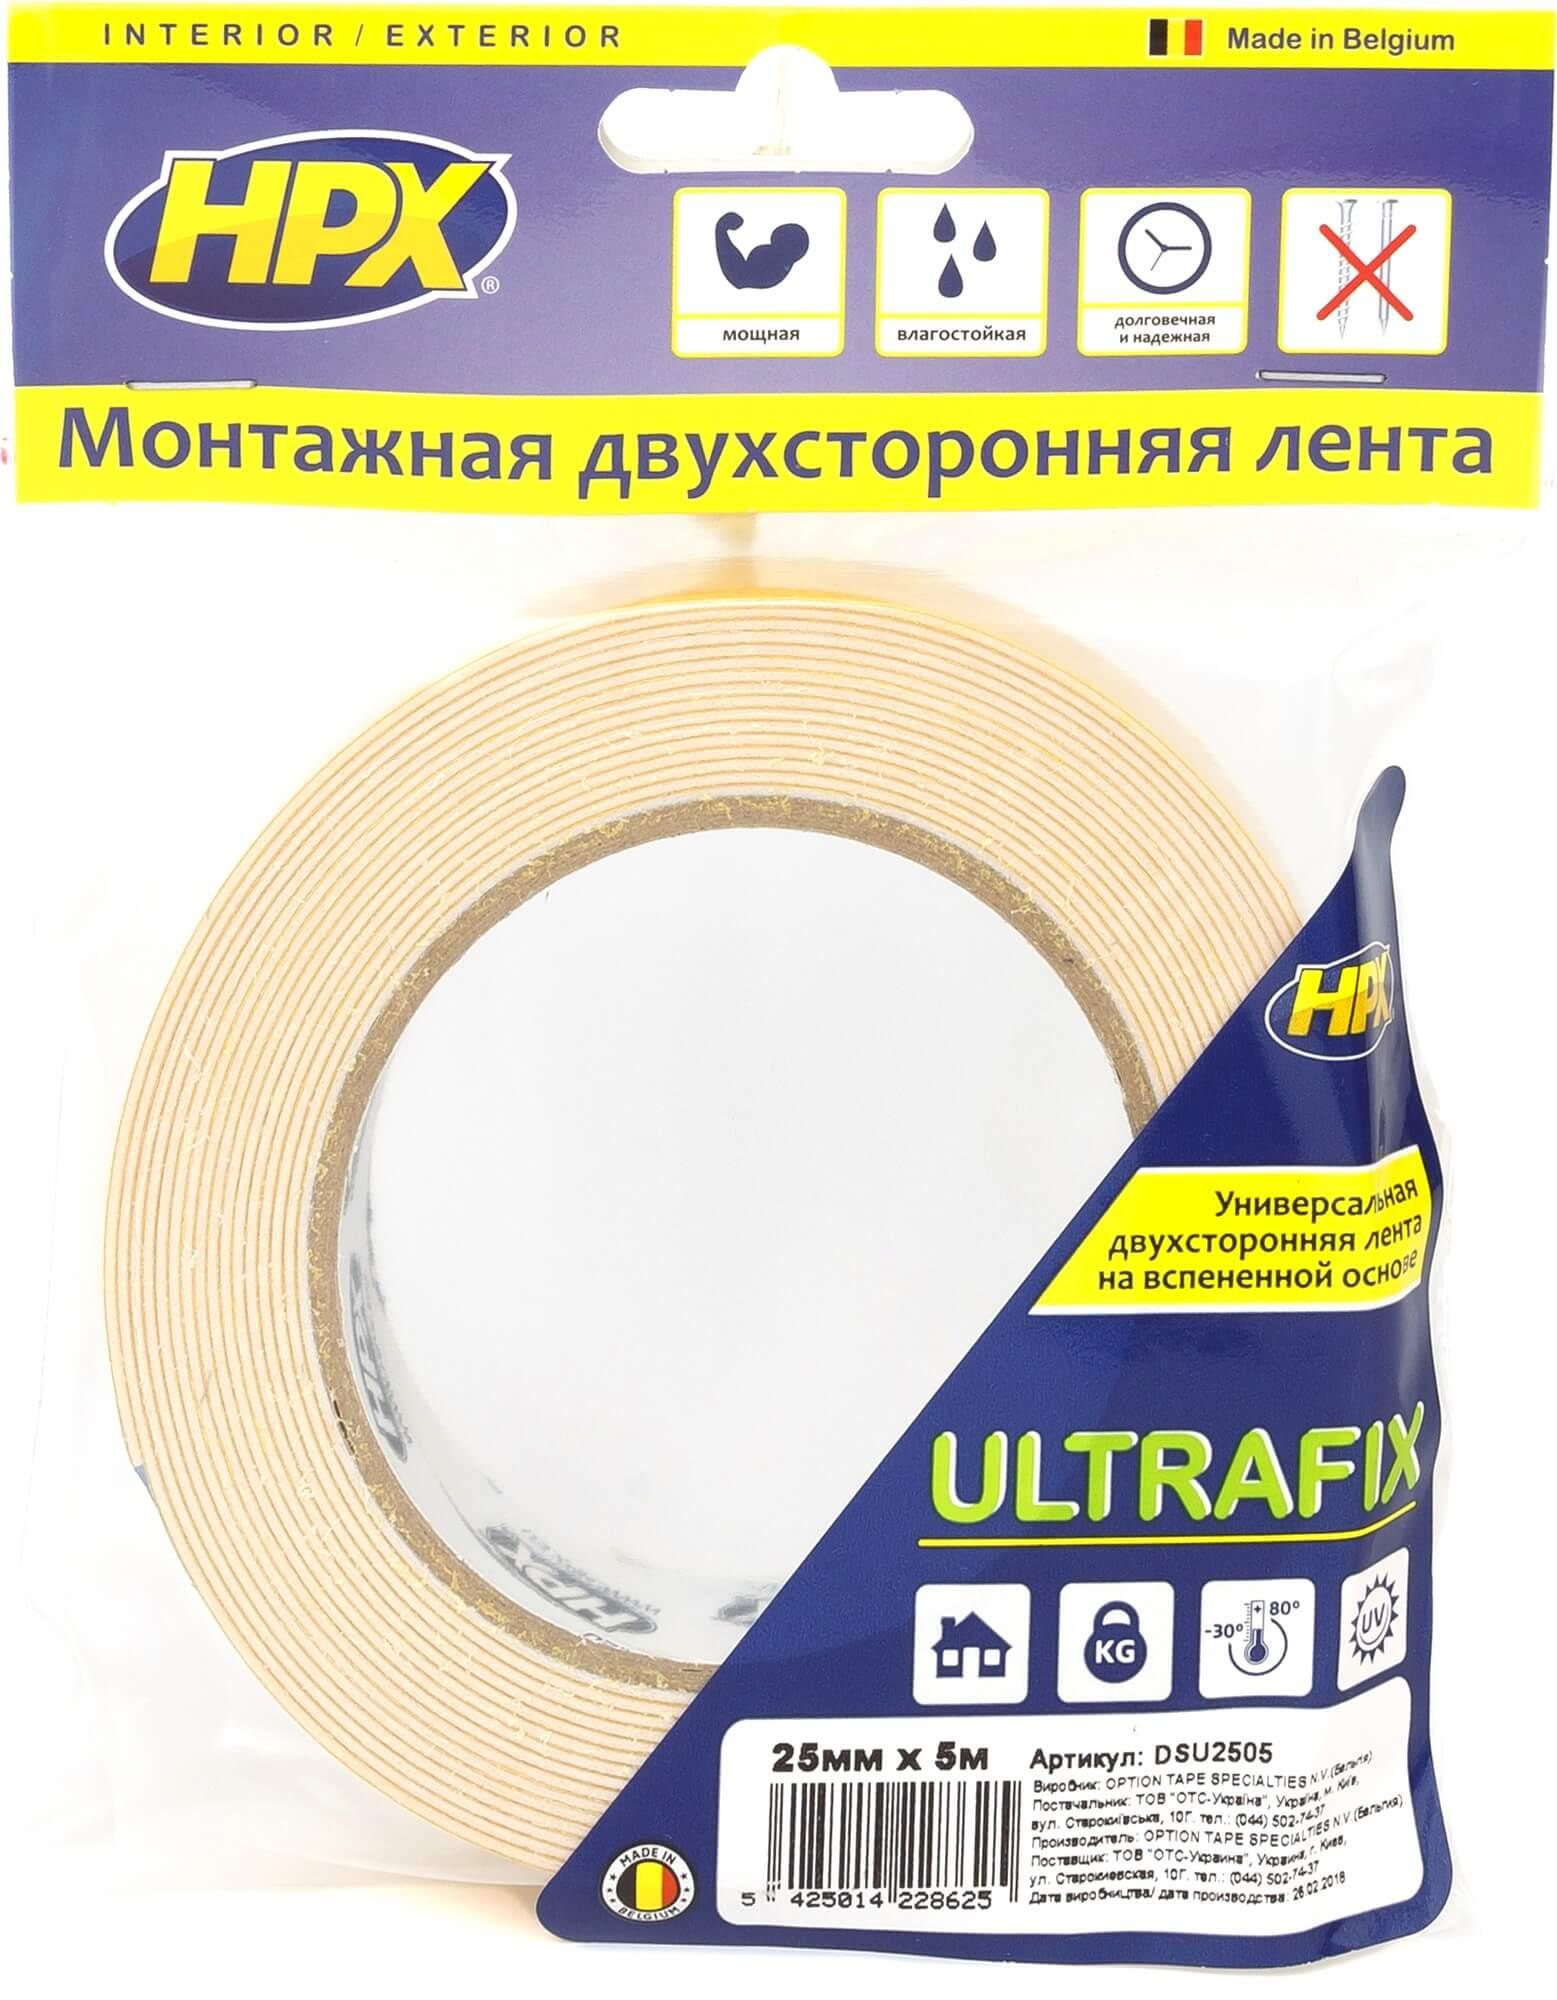 Двусторонняя клейкая лента HPX ULTRAFIX для моментальной фиксации